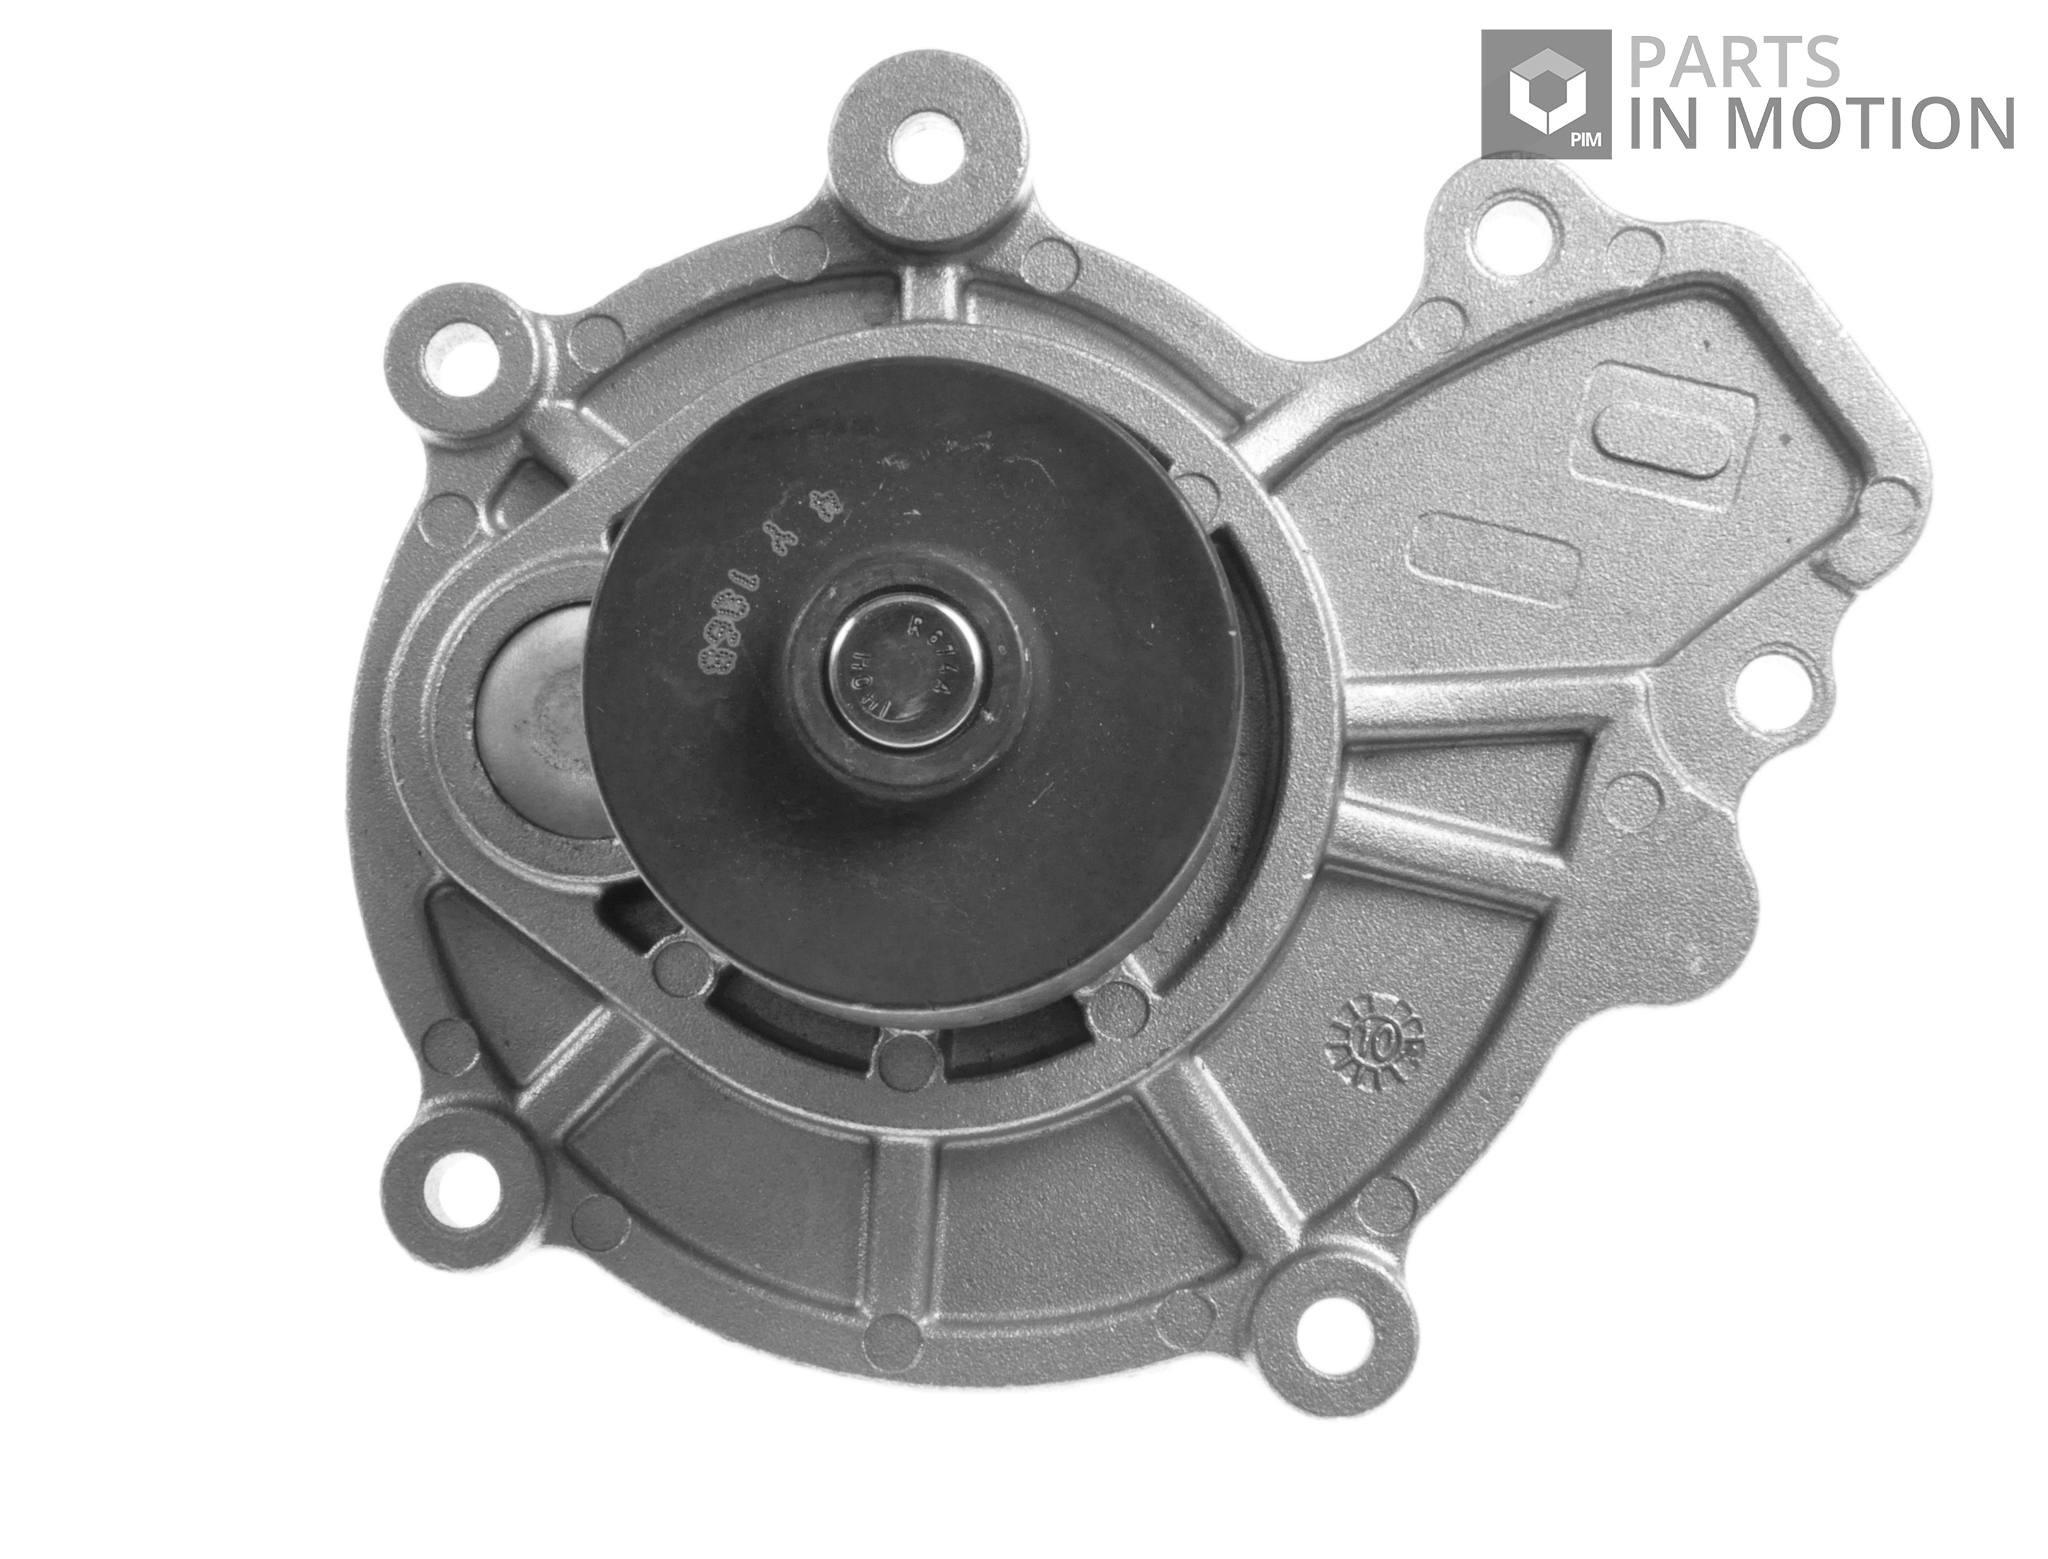 2014 Chevy Cruze Engine Diagram 2014 Chevy Cruze Engine Diagram Smart Wiring Diagrams • Ideas Of 2014 Chevy Cruze Engine Diagram